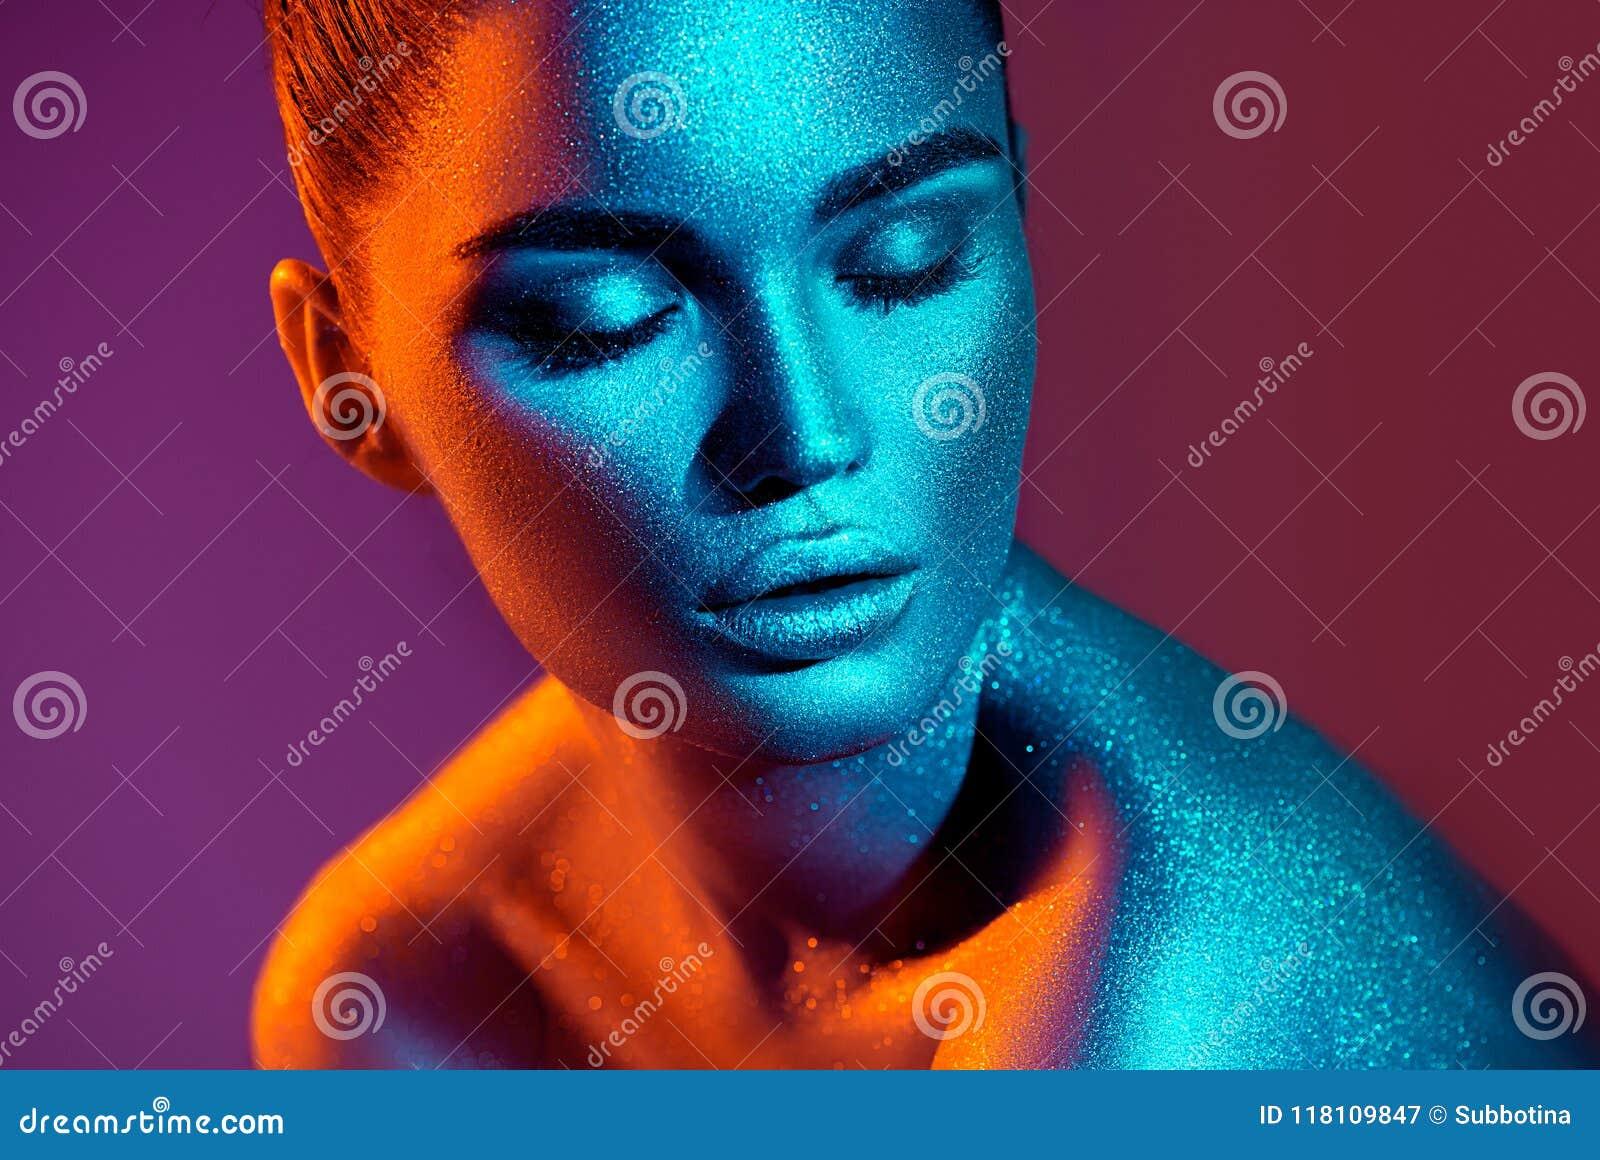 摆在演播室,美丽的性感的女孩画象的五颜六色的明亮的闪闪发光和霓虹灯的时装模特儿妇女